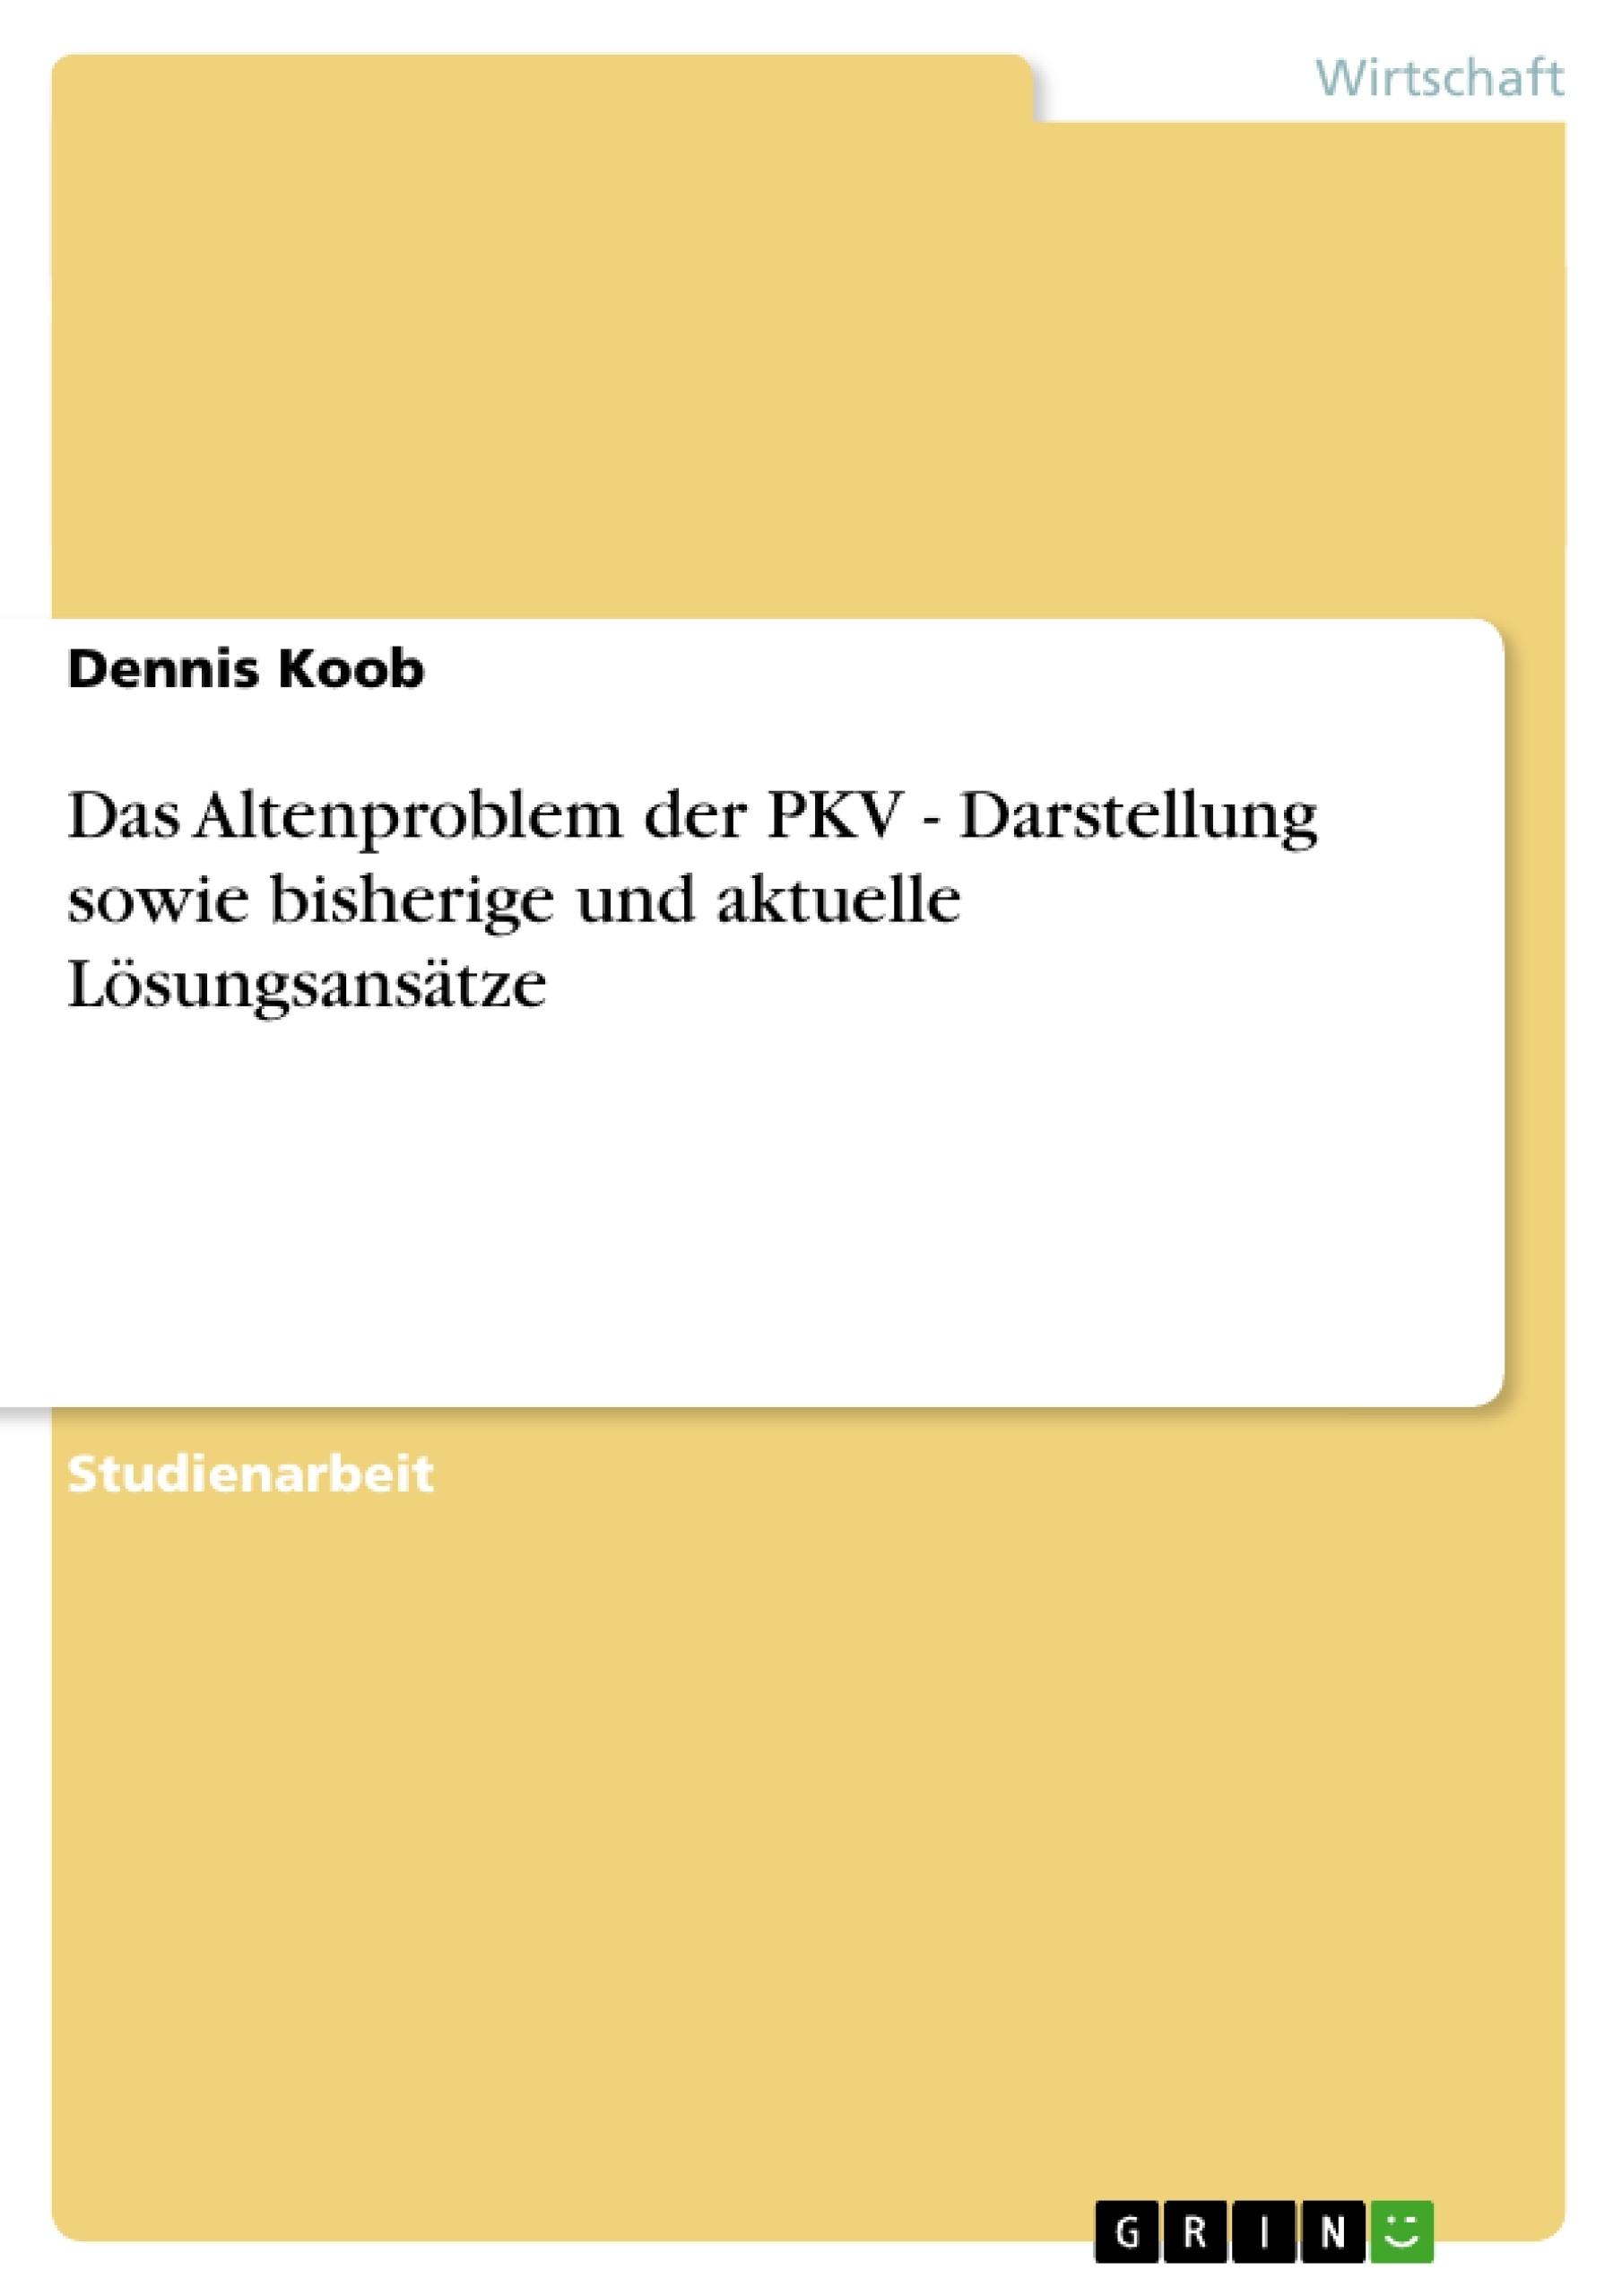 Titel: Das Altenproblem der PKV - Darstellung sowie bisherige und aktuelle Lösungsansätze